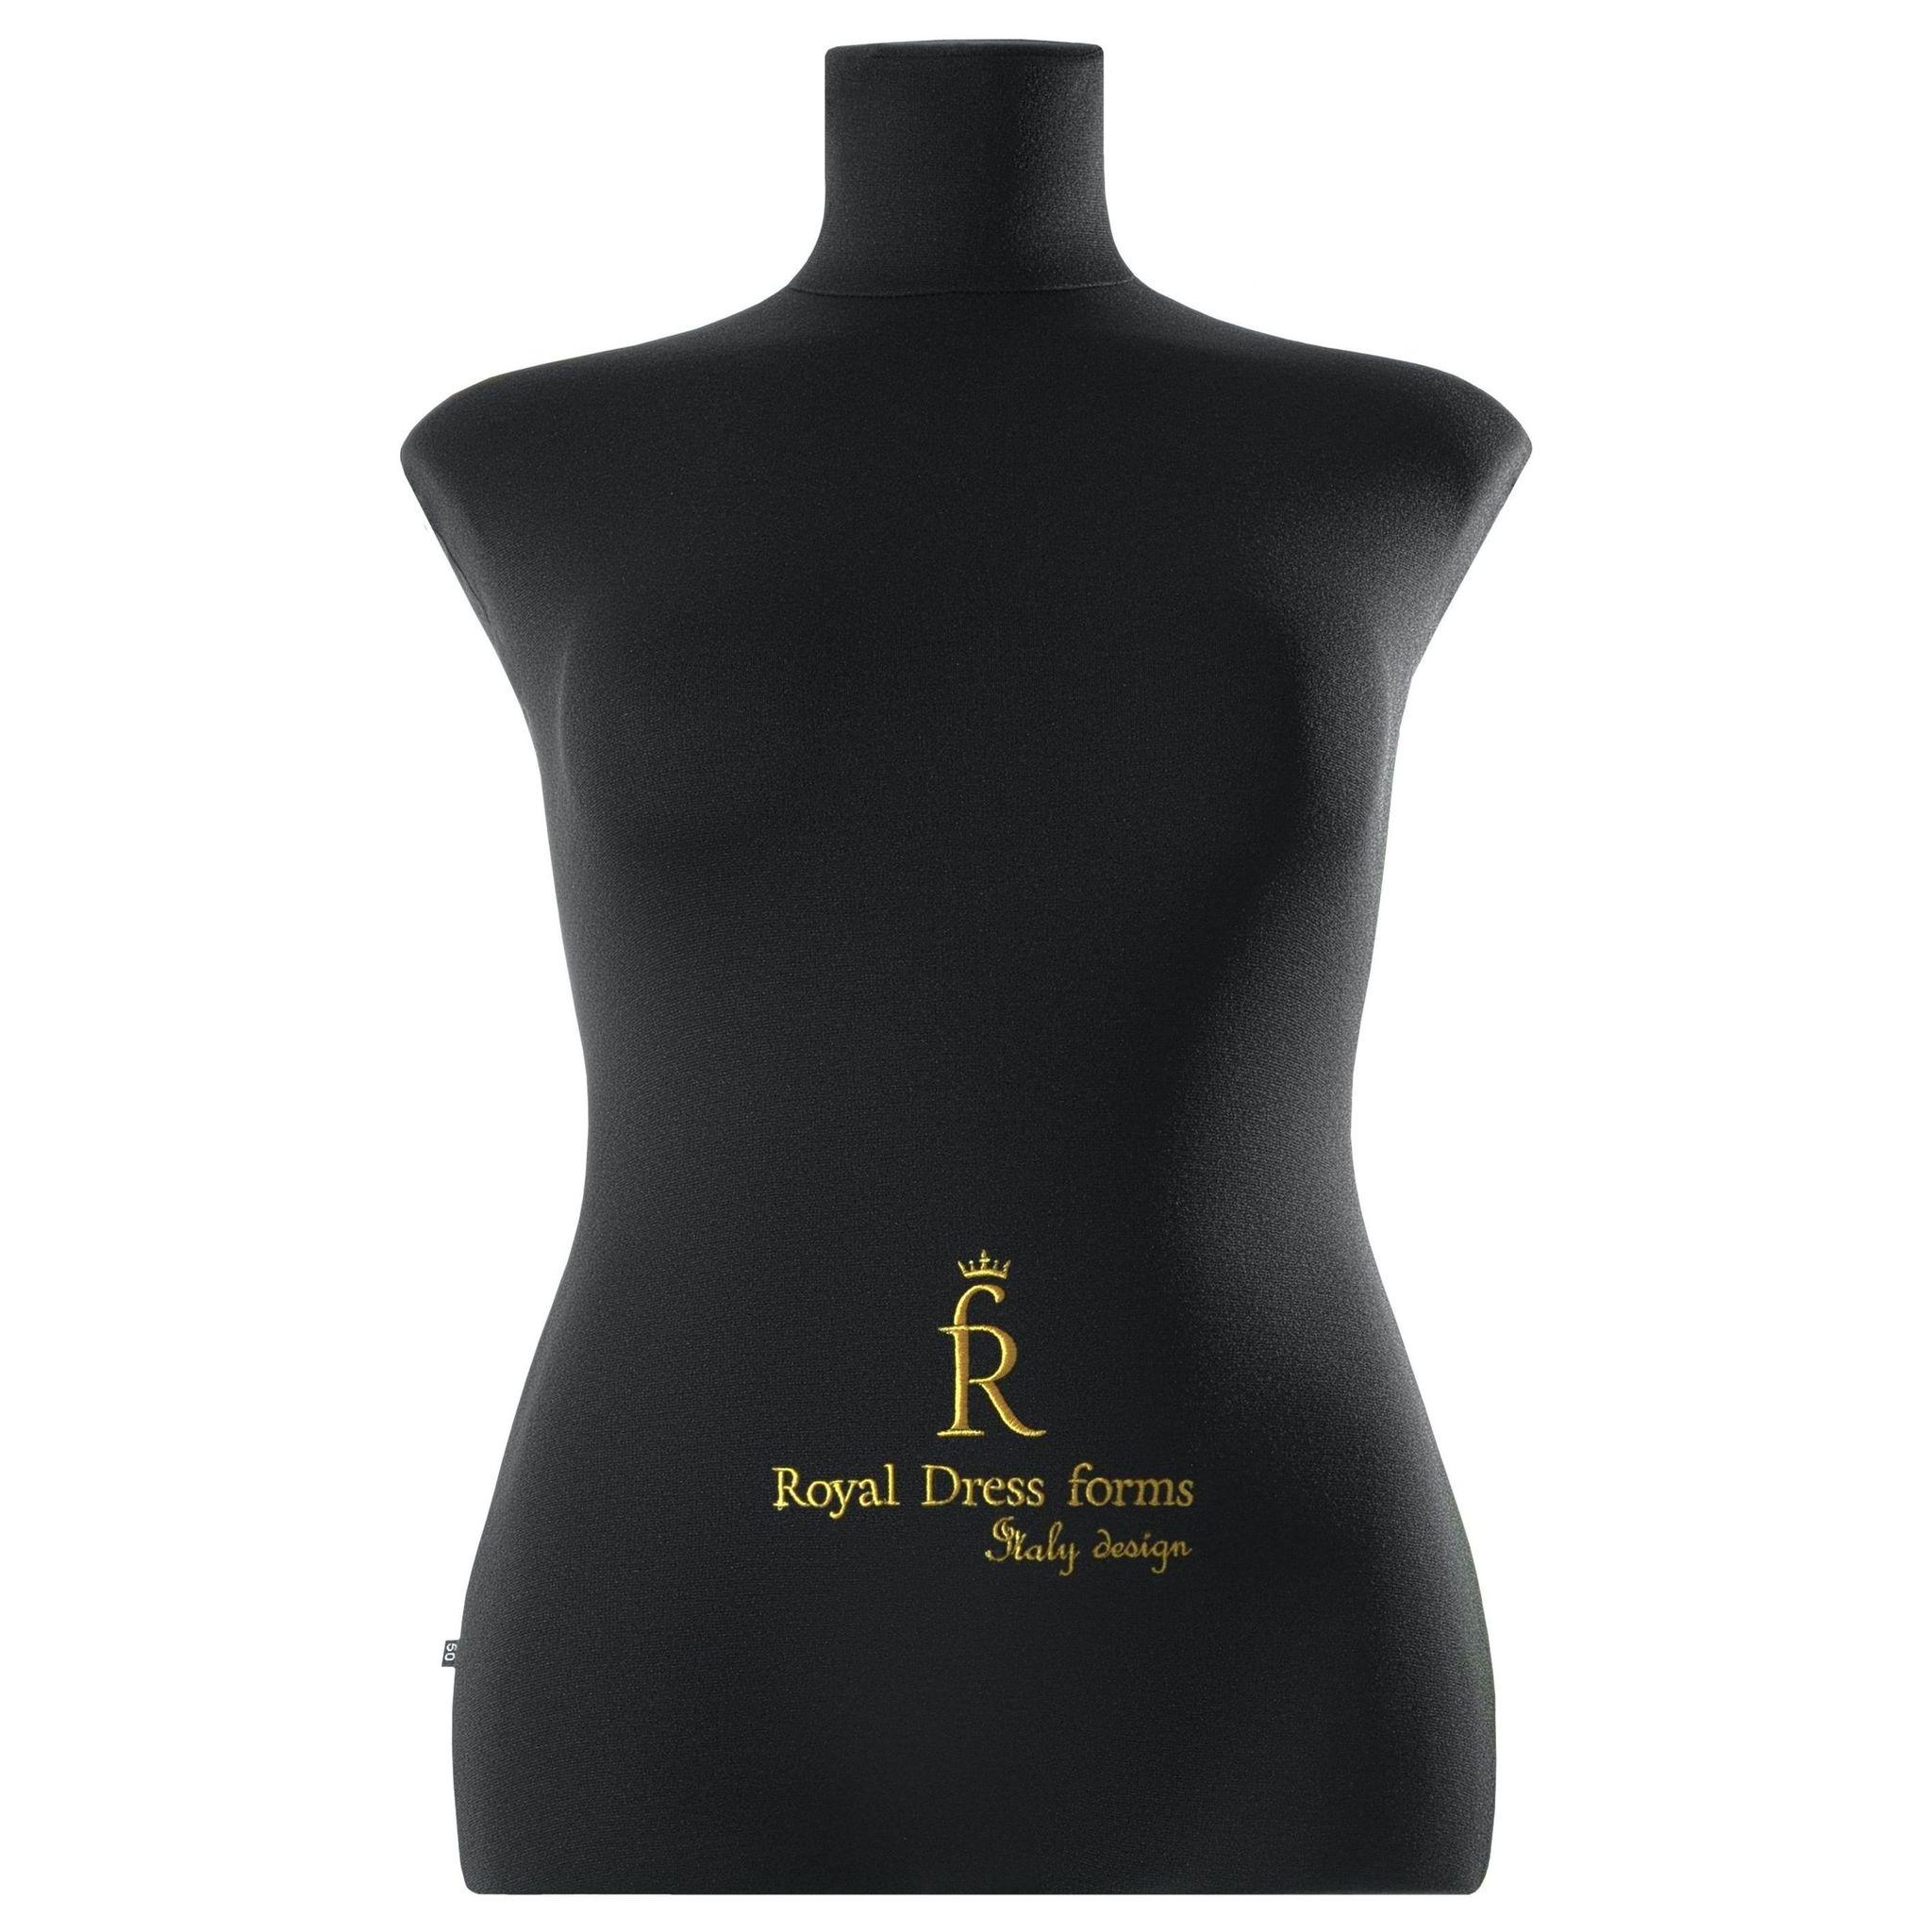 Манекен портновский Кристина, комплект Стандарт, размер 50, цвет чёрный, в комплекте магнит-трафарет